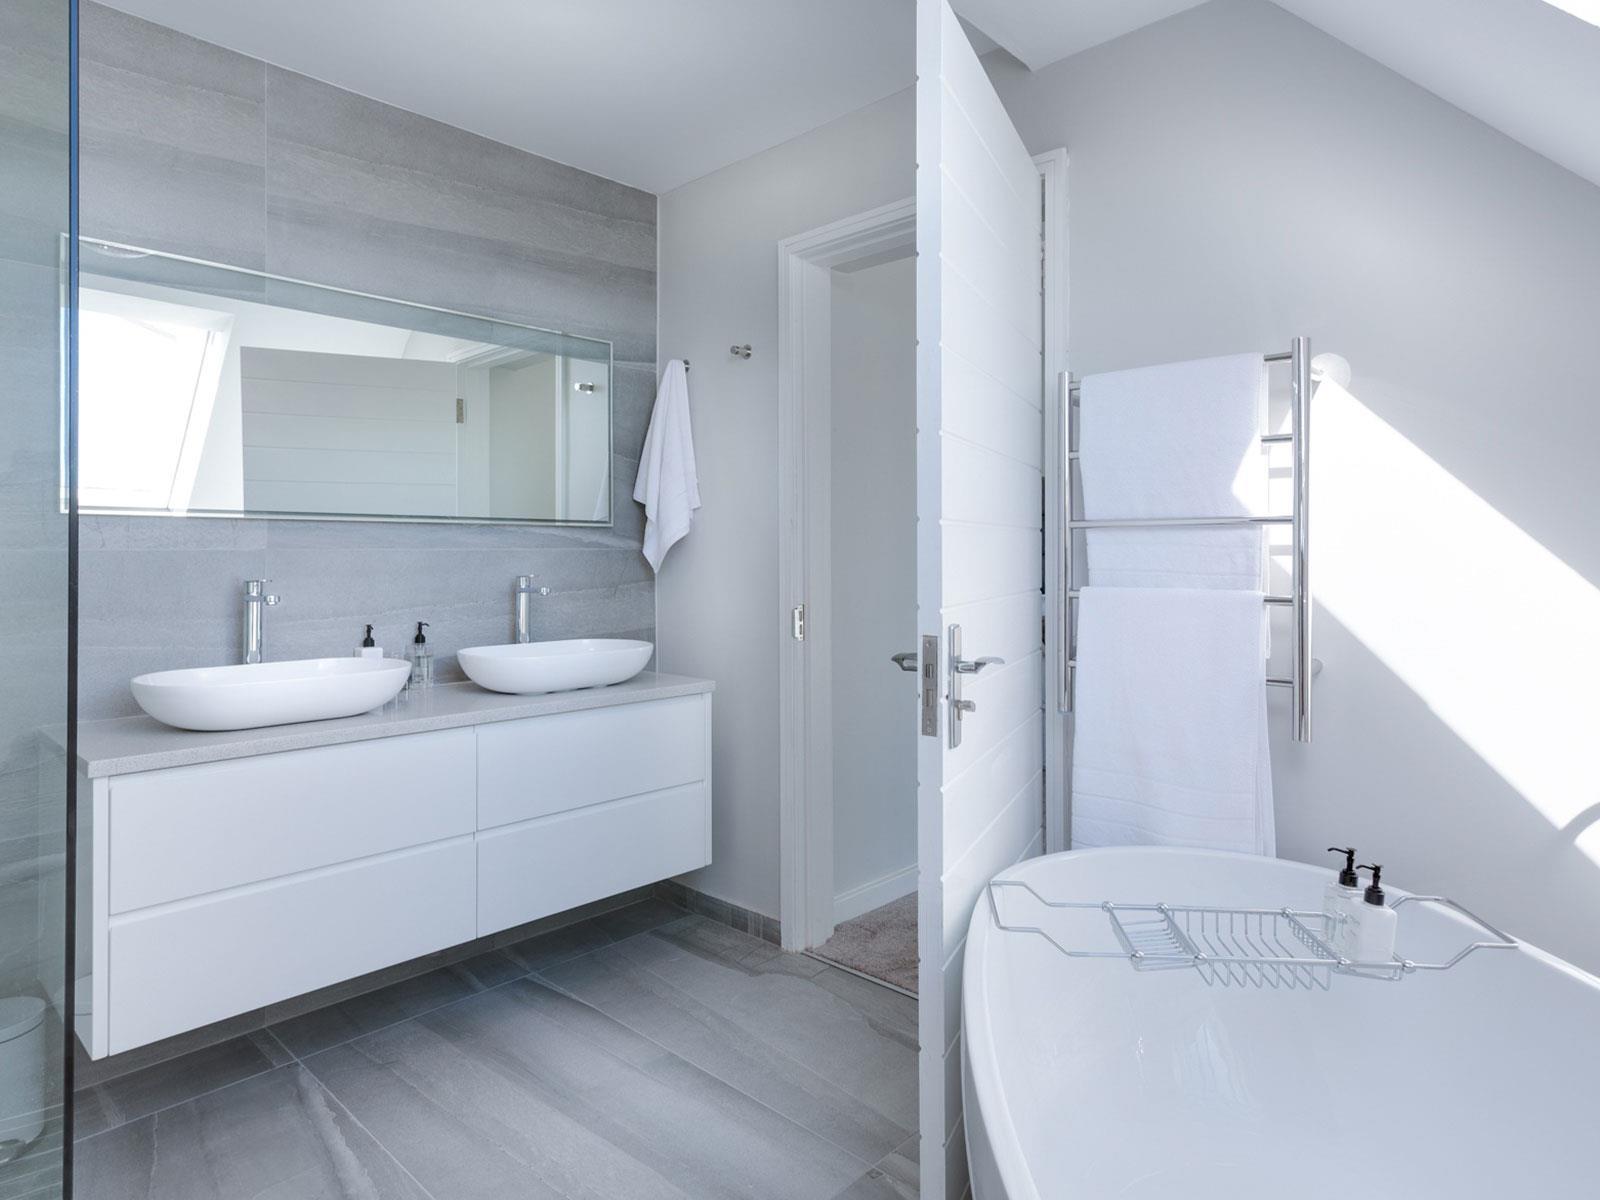 Appartement - Woluwe-Saint-Pierre - #4419849-4